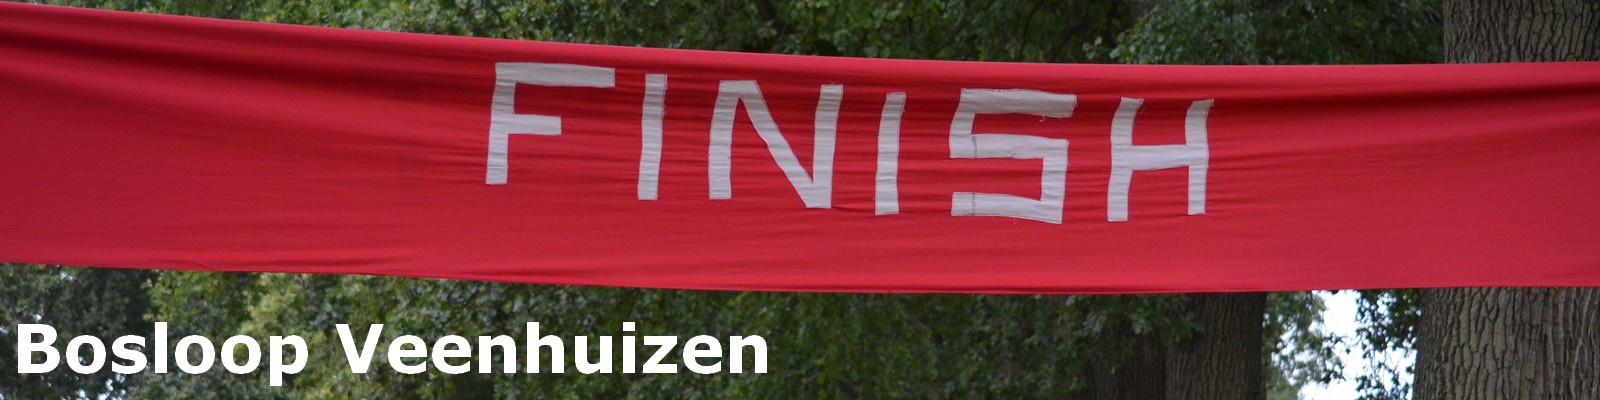 Bosloop Veenhuizen